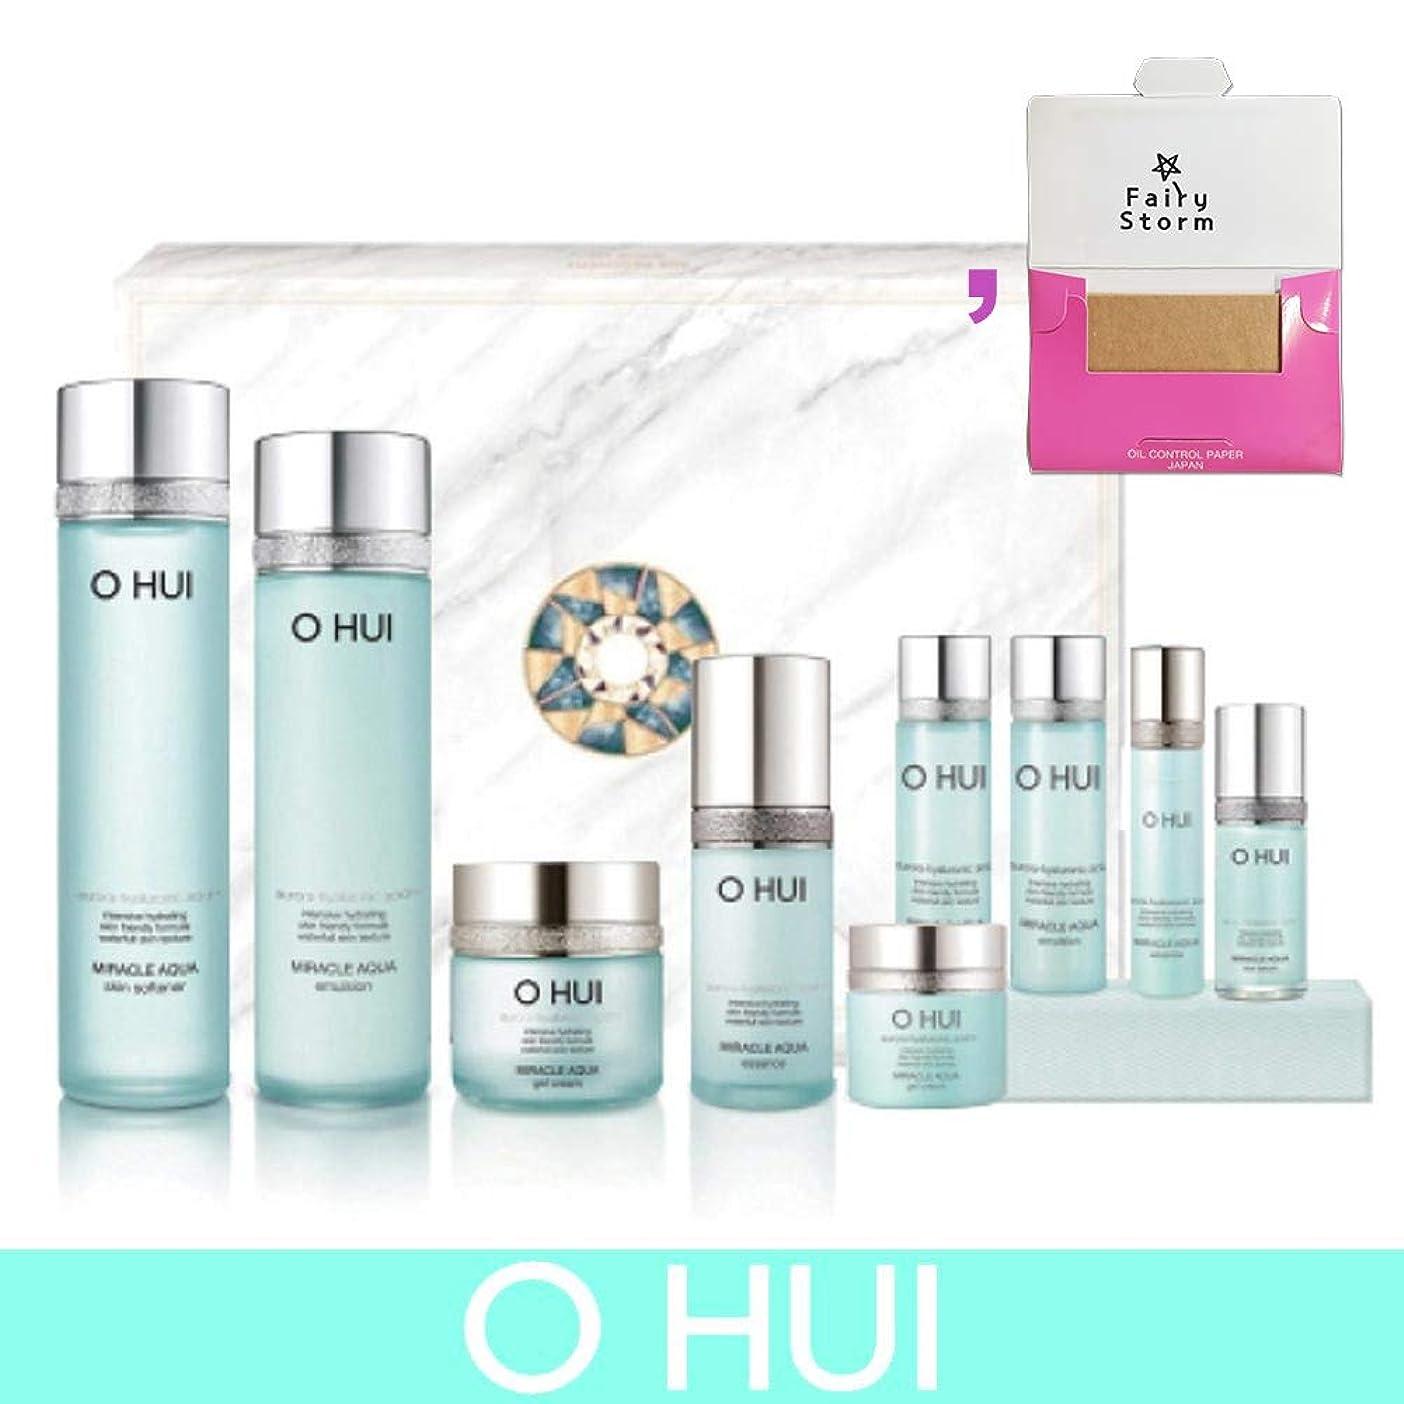 一瞬どこでも趣味[オフィ/O HUI]韓国化粧品 LG生活健康/O HUI MIRACLE AQUA SPECIAL 4EA SET/ミラクル アクア 4種セット + [Sample Gift](海外直送品)